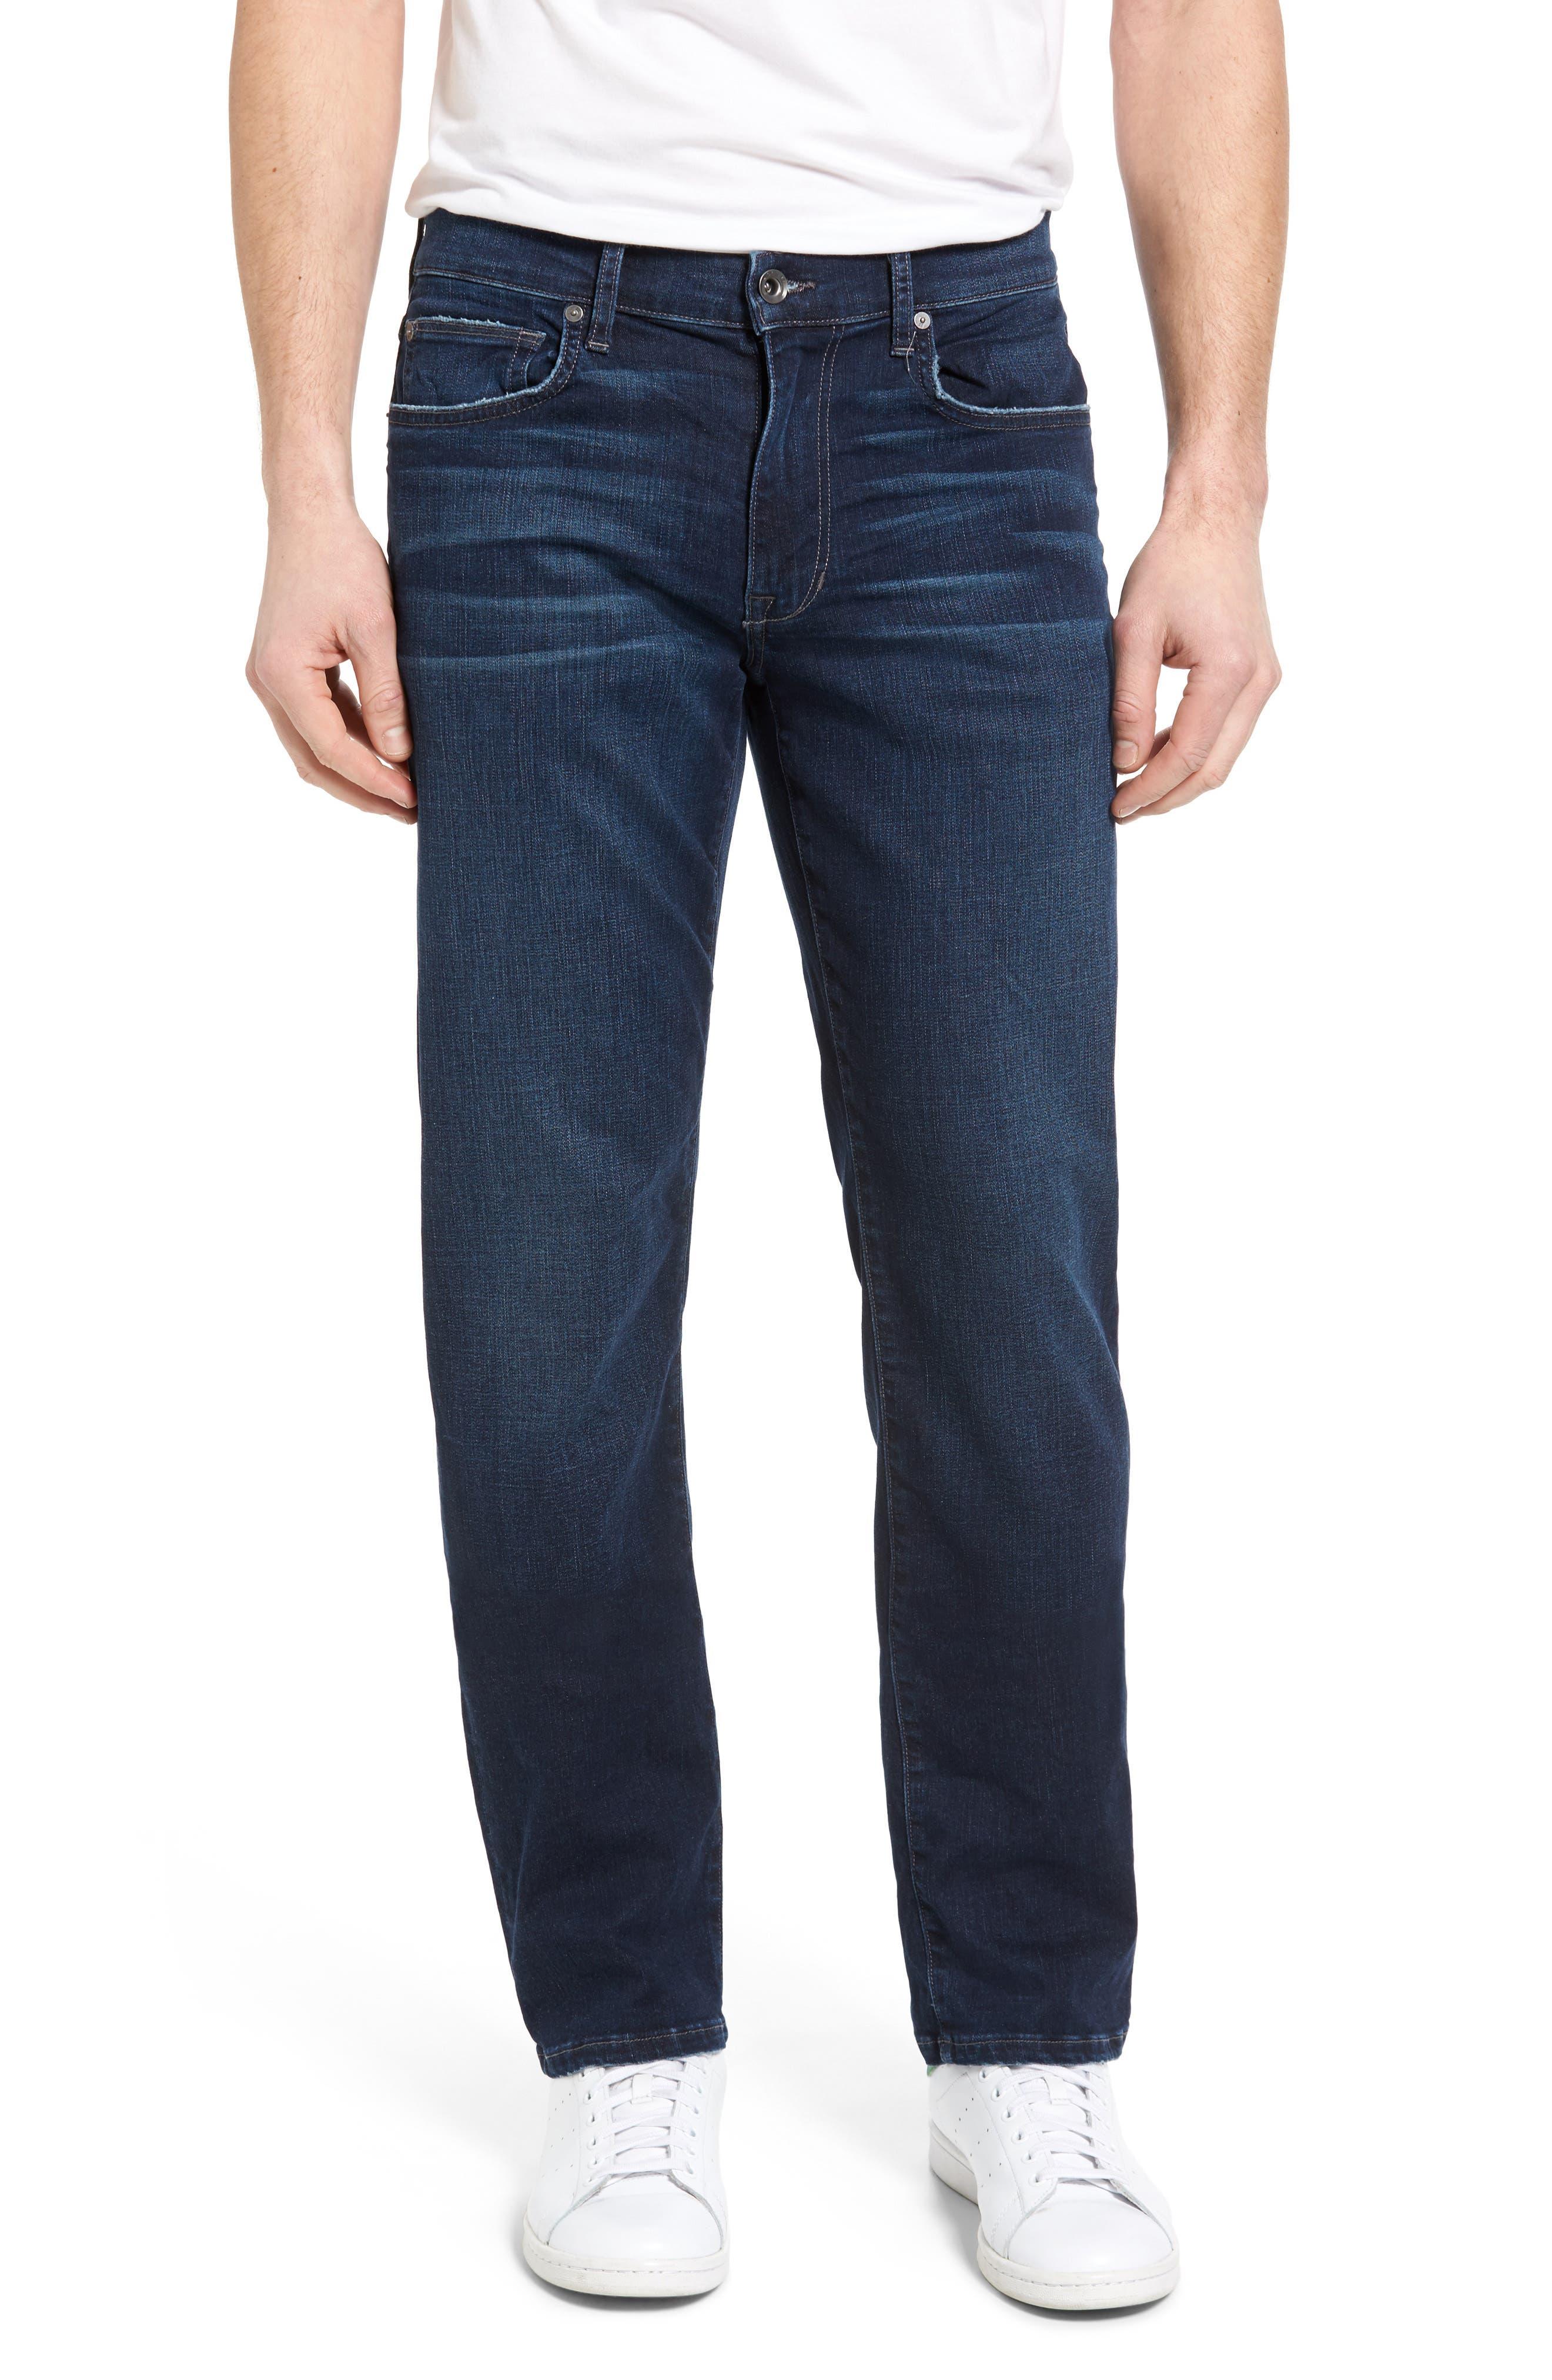 Brixton Kinetic Slim Straight Leg Jeans,                             Main thumbnail 1, color,